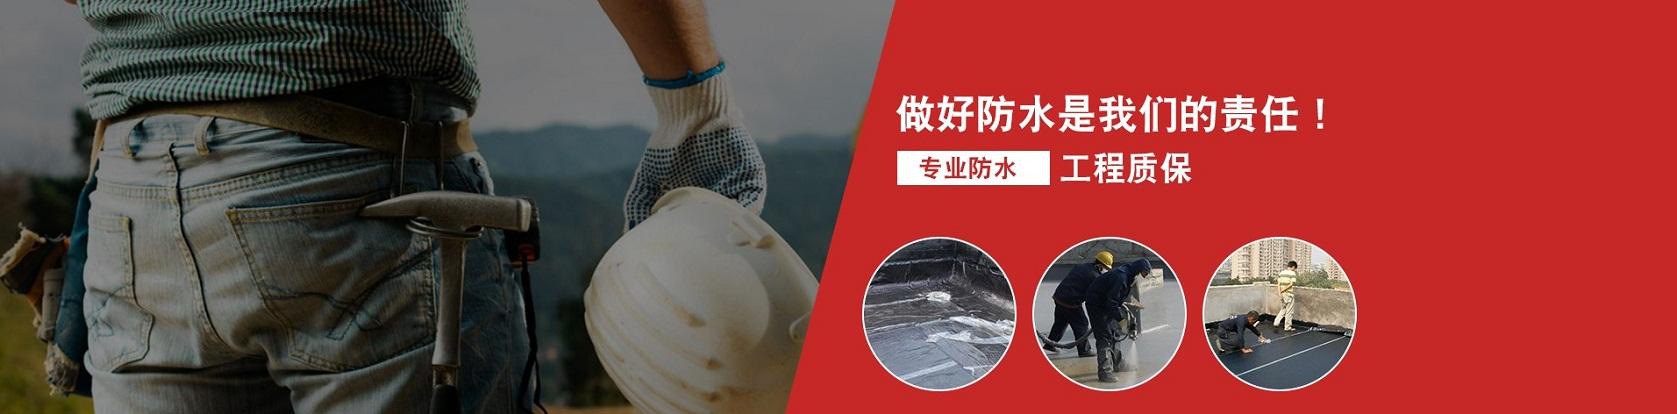 吴中经济技术开发区诚宏铭防水材料经营部